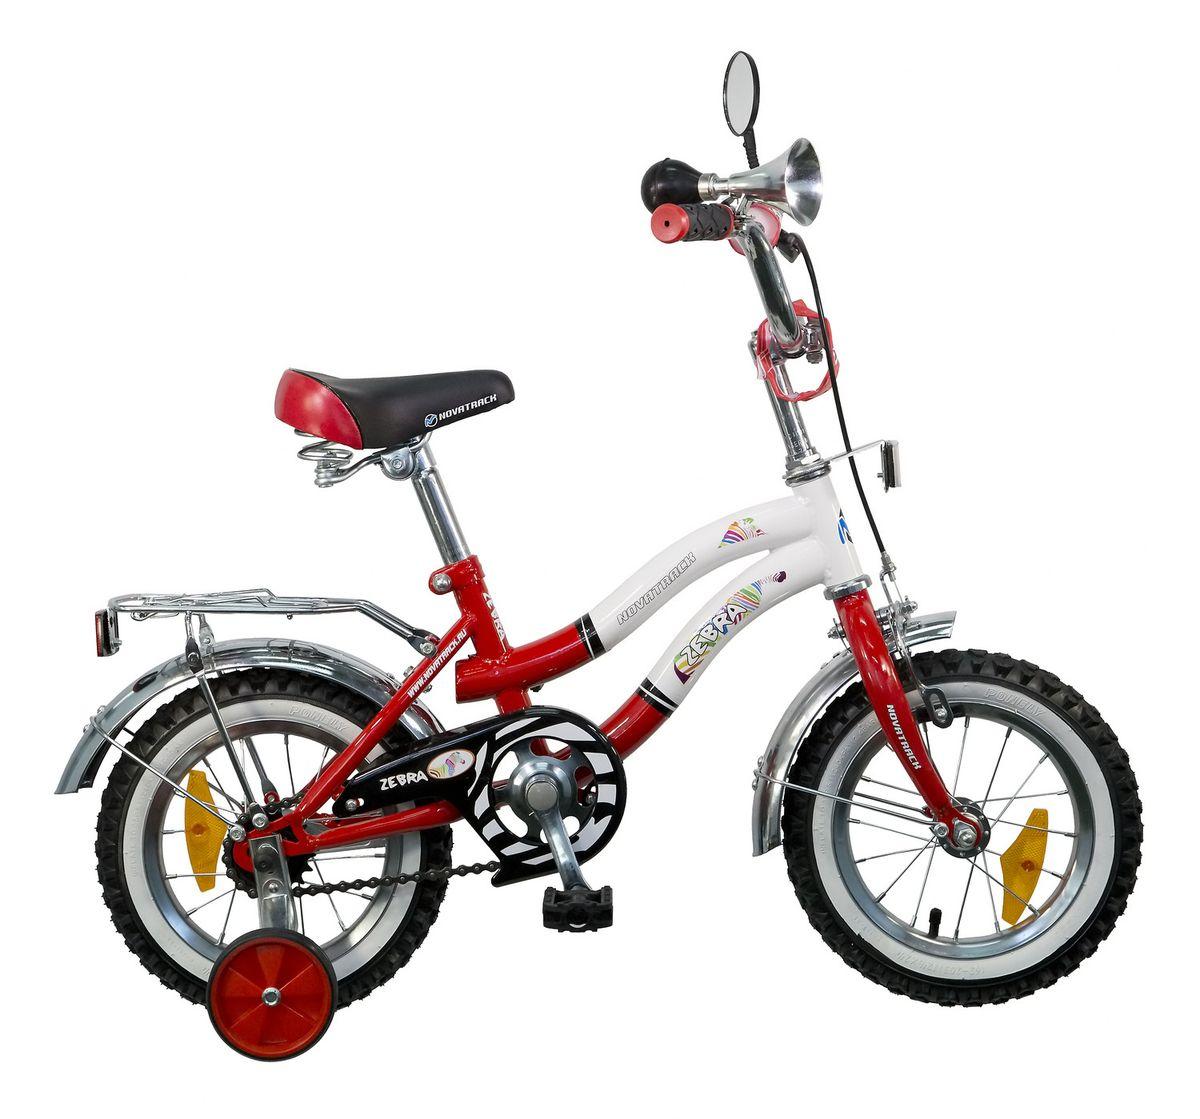 Велосипед детский Novatrack Zebra, цвет: красный, белый, 12 novatrack zebra 12 2015 red white